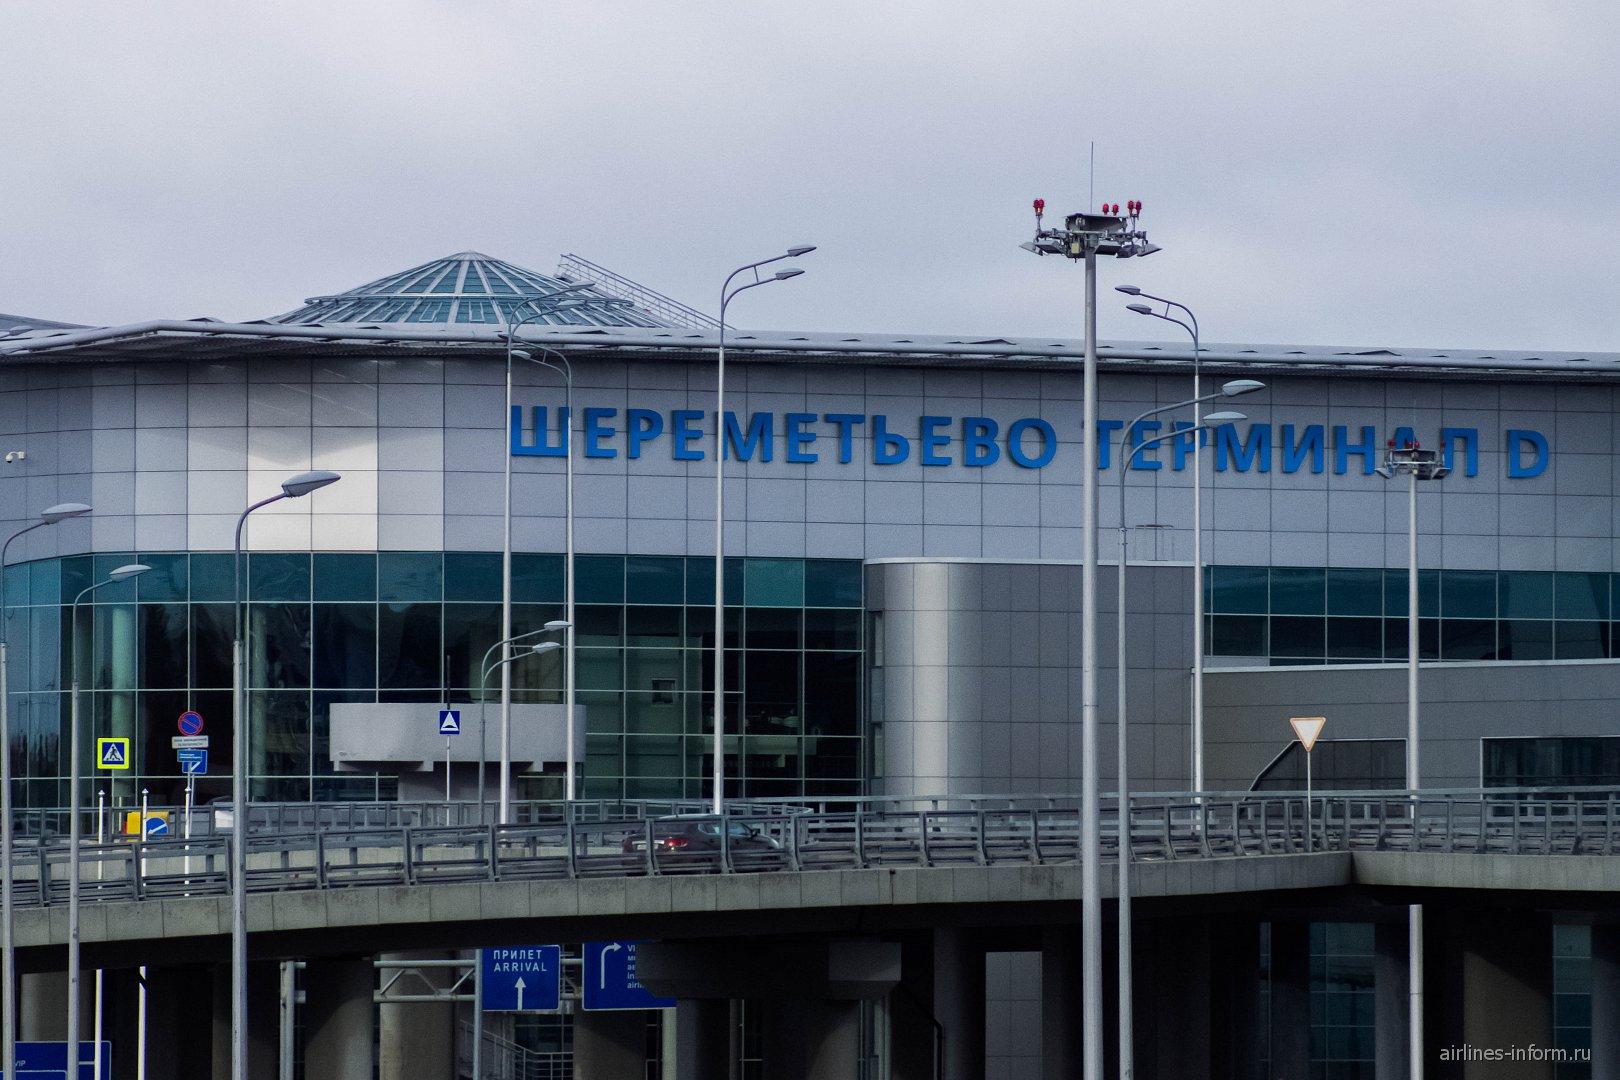 Вид сбоку на терминал D аэропорта Москва Шереметьево